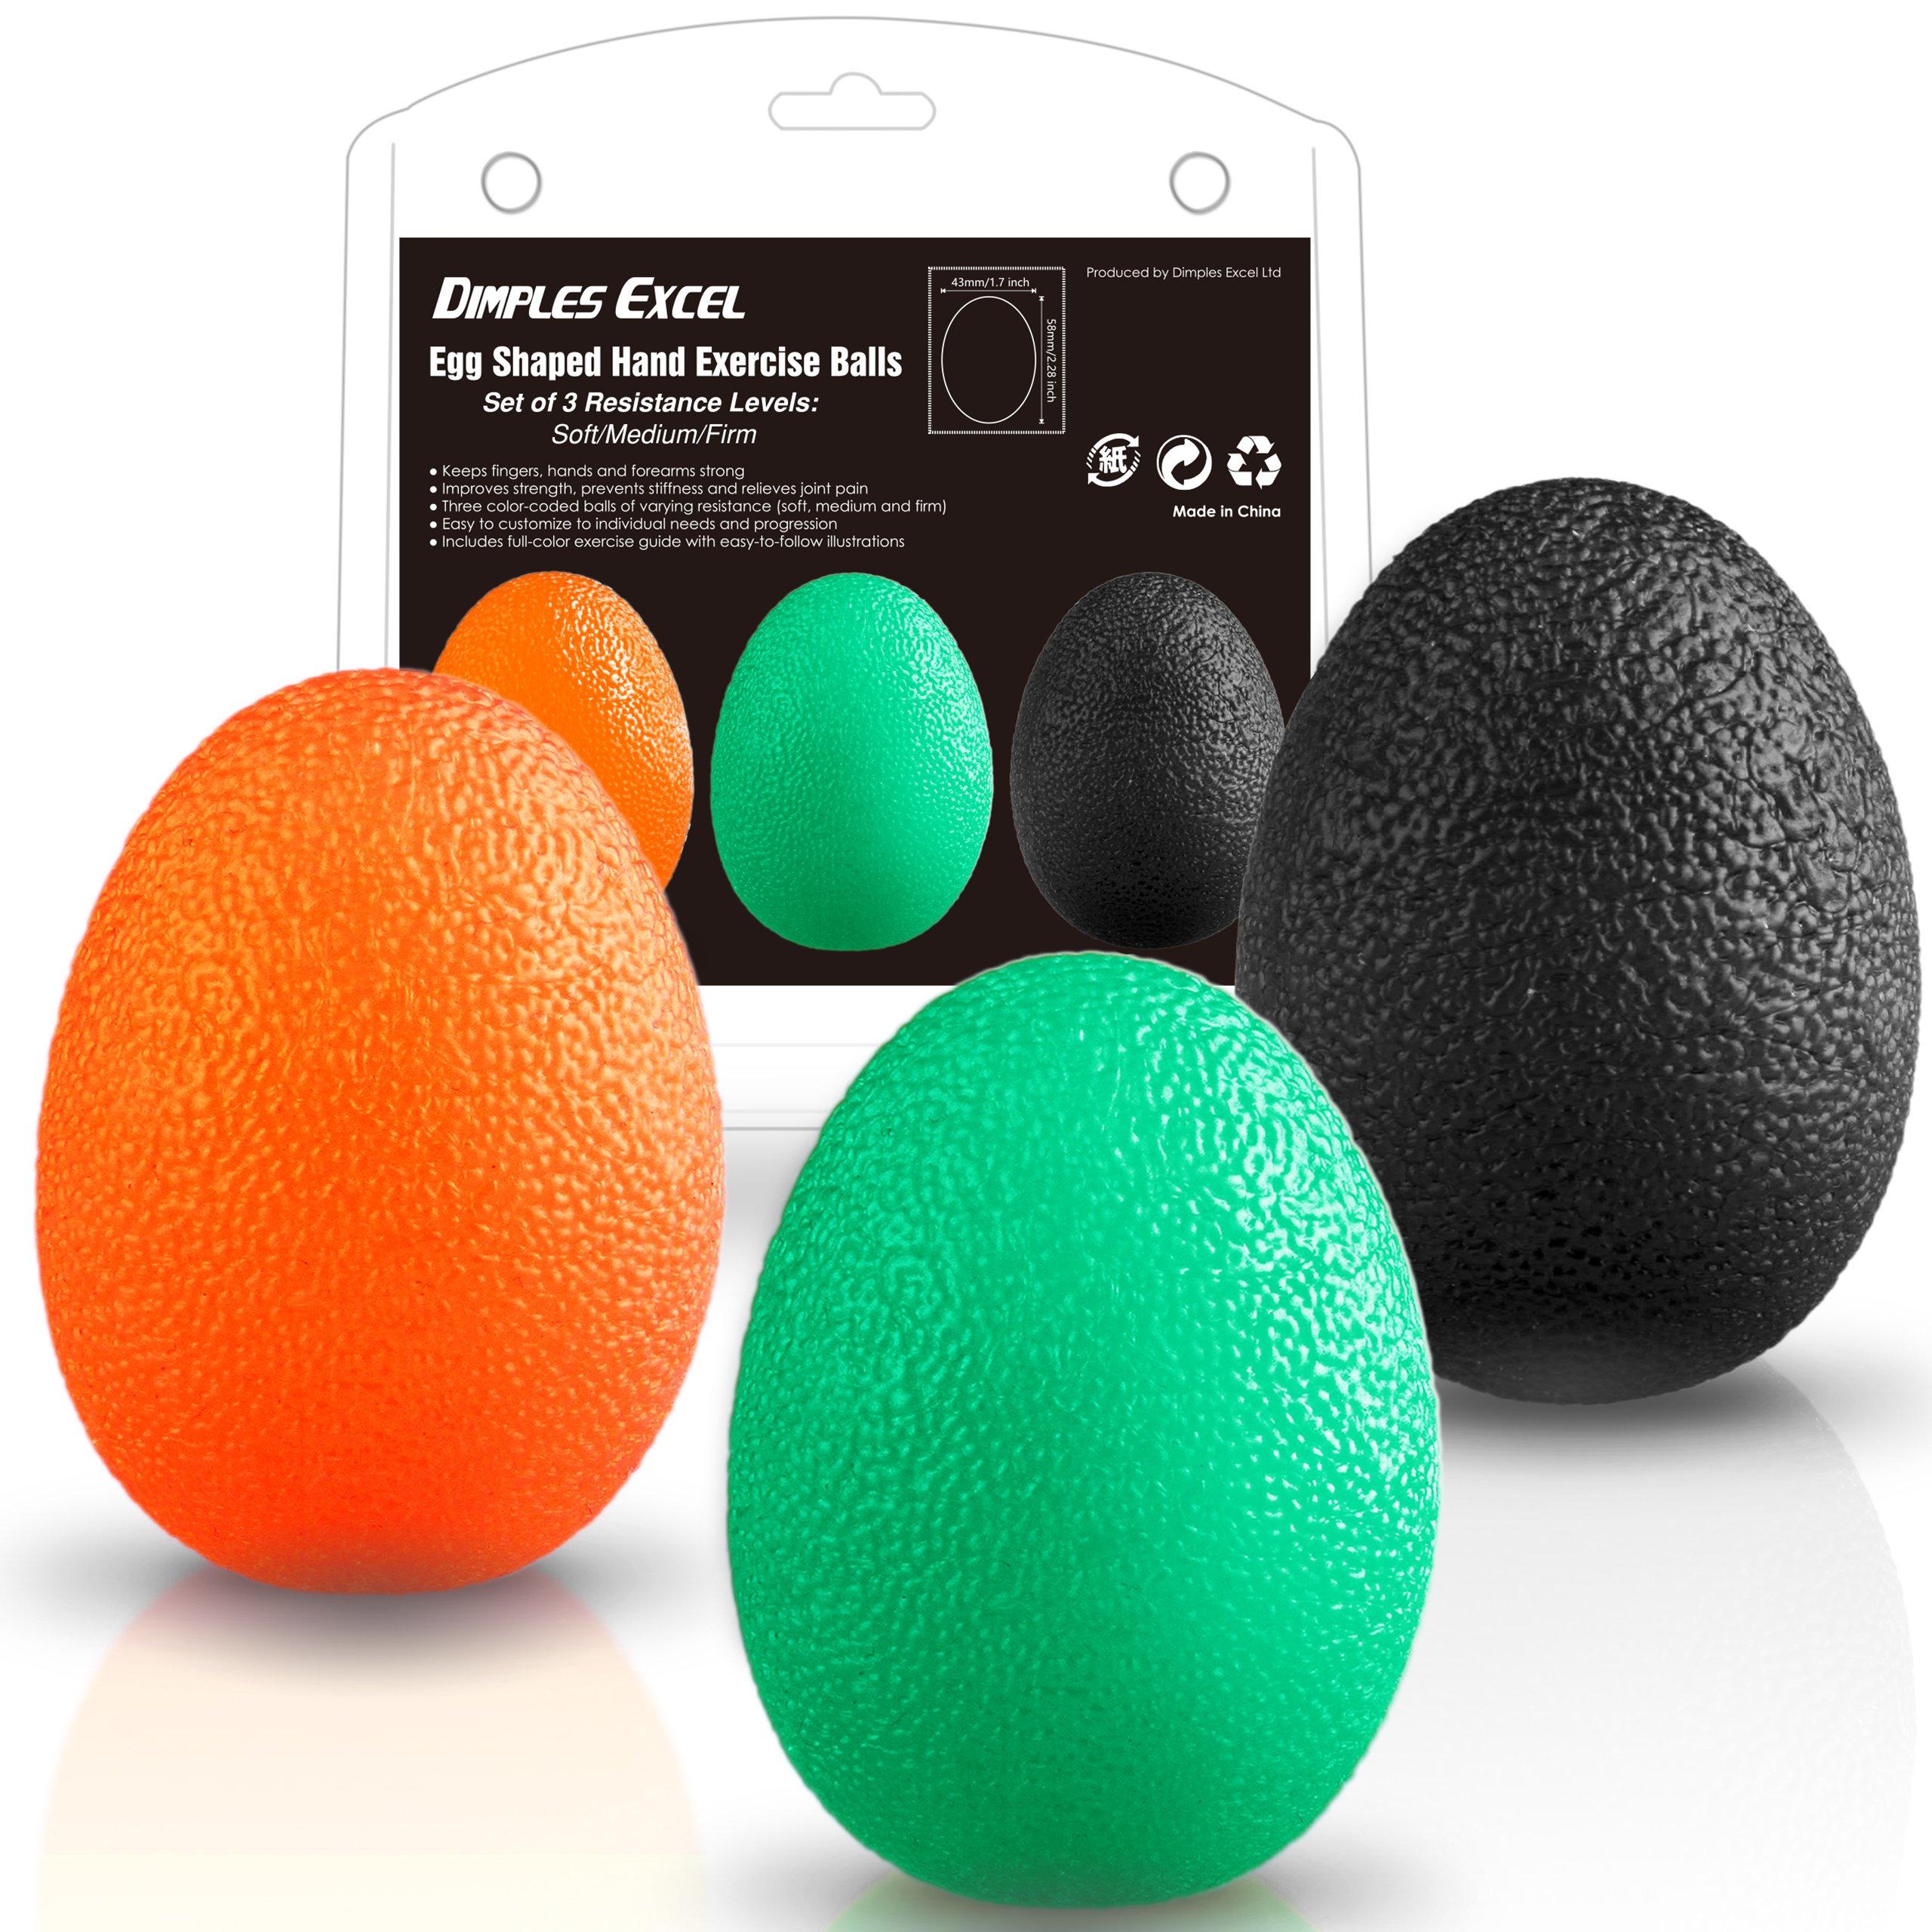 Dimples Excel Pelotas anti estrés bolas en Forma de Huevo para Ejercicios y Rehabilitación Fortalecimiento de